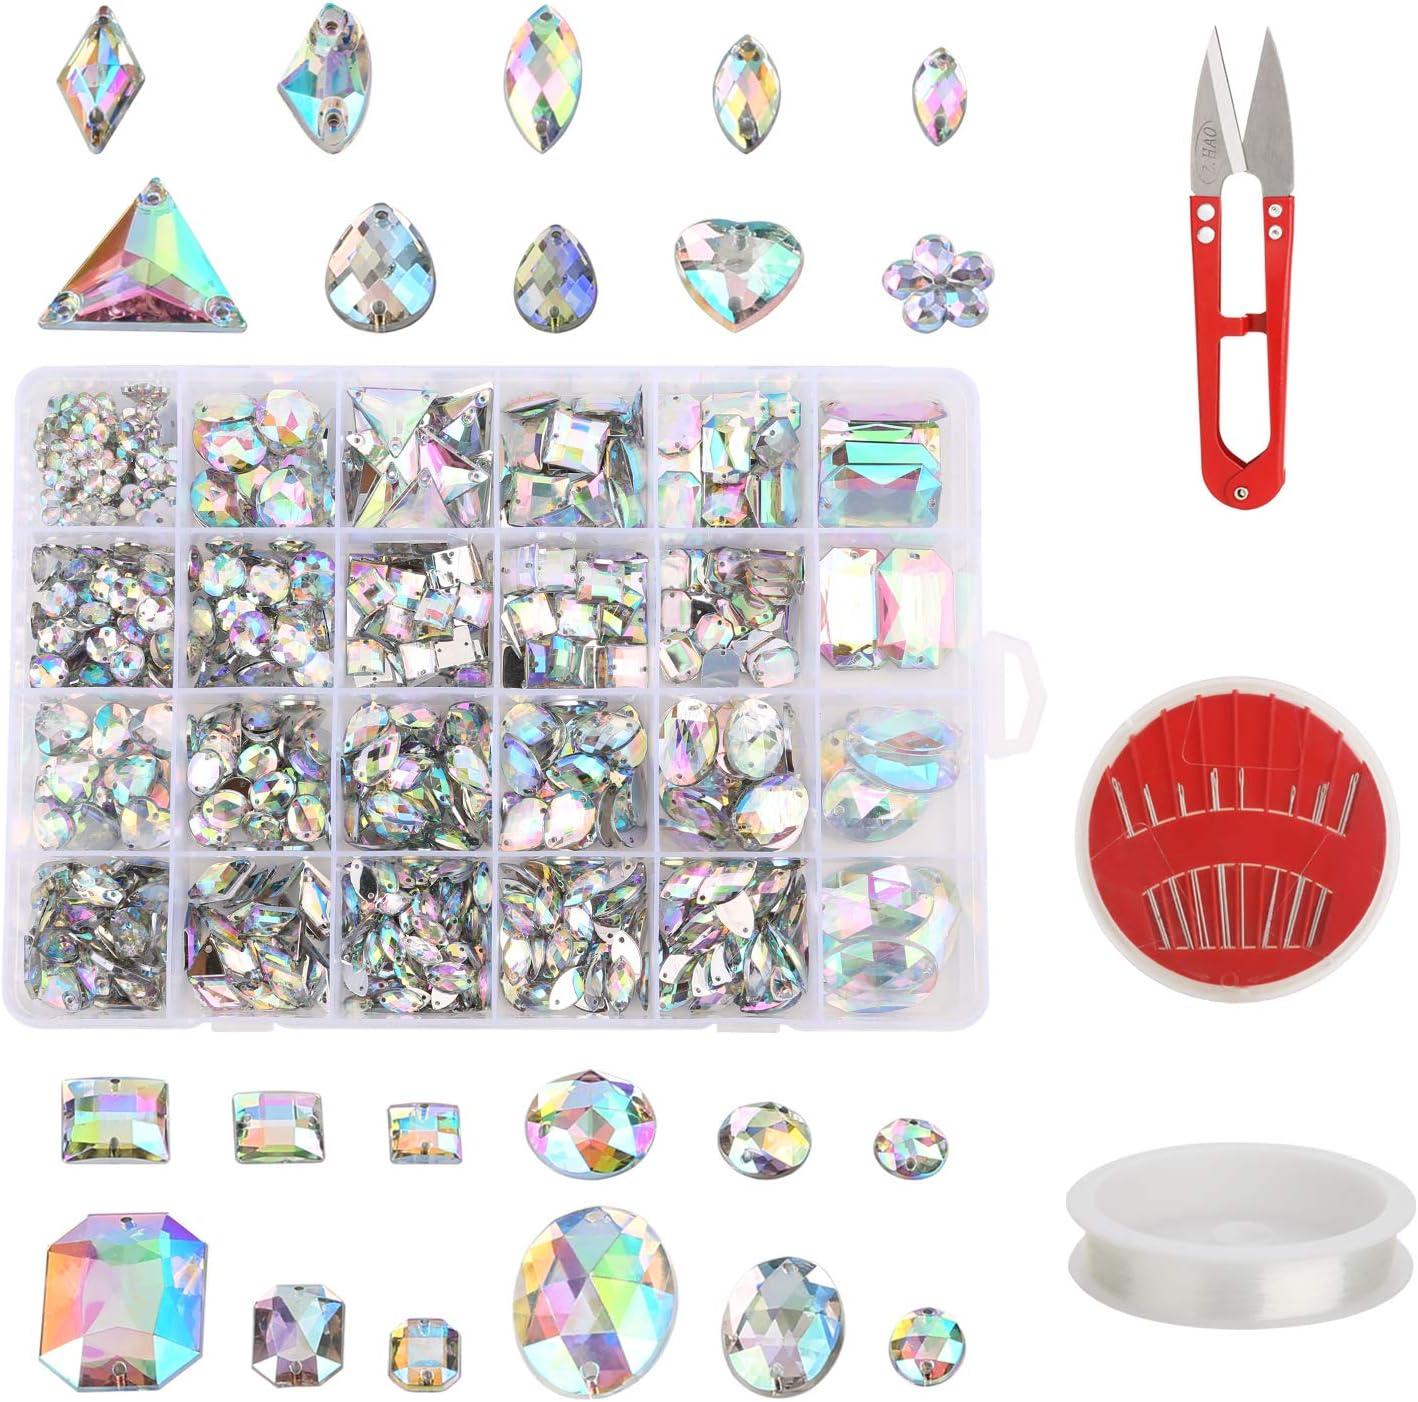 MWOOT 700 Piezas Diamantes de Acrílicas para Decorar Prendas Ropa Manualidades, Kit de Piedras Decorativas (Varios Tamaños y Formas) con Tijera de Costura, Agujas y Cordón, AB Perlas